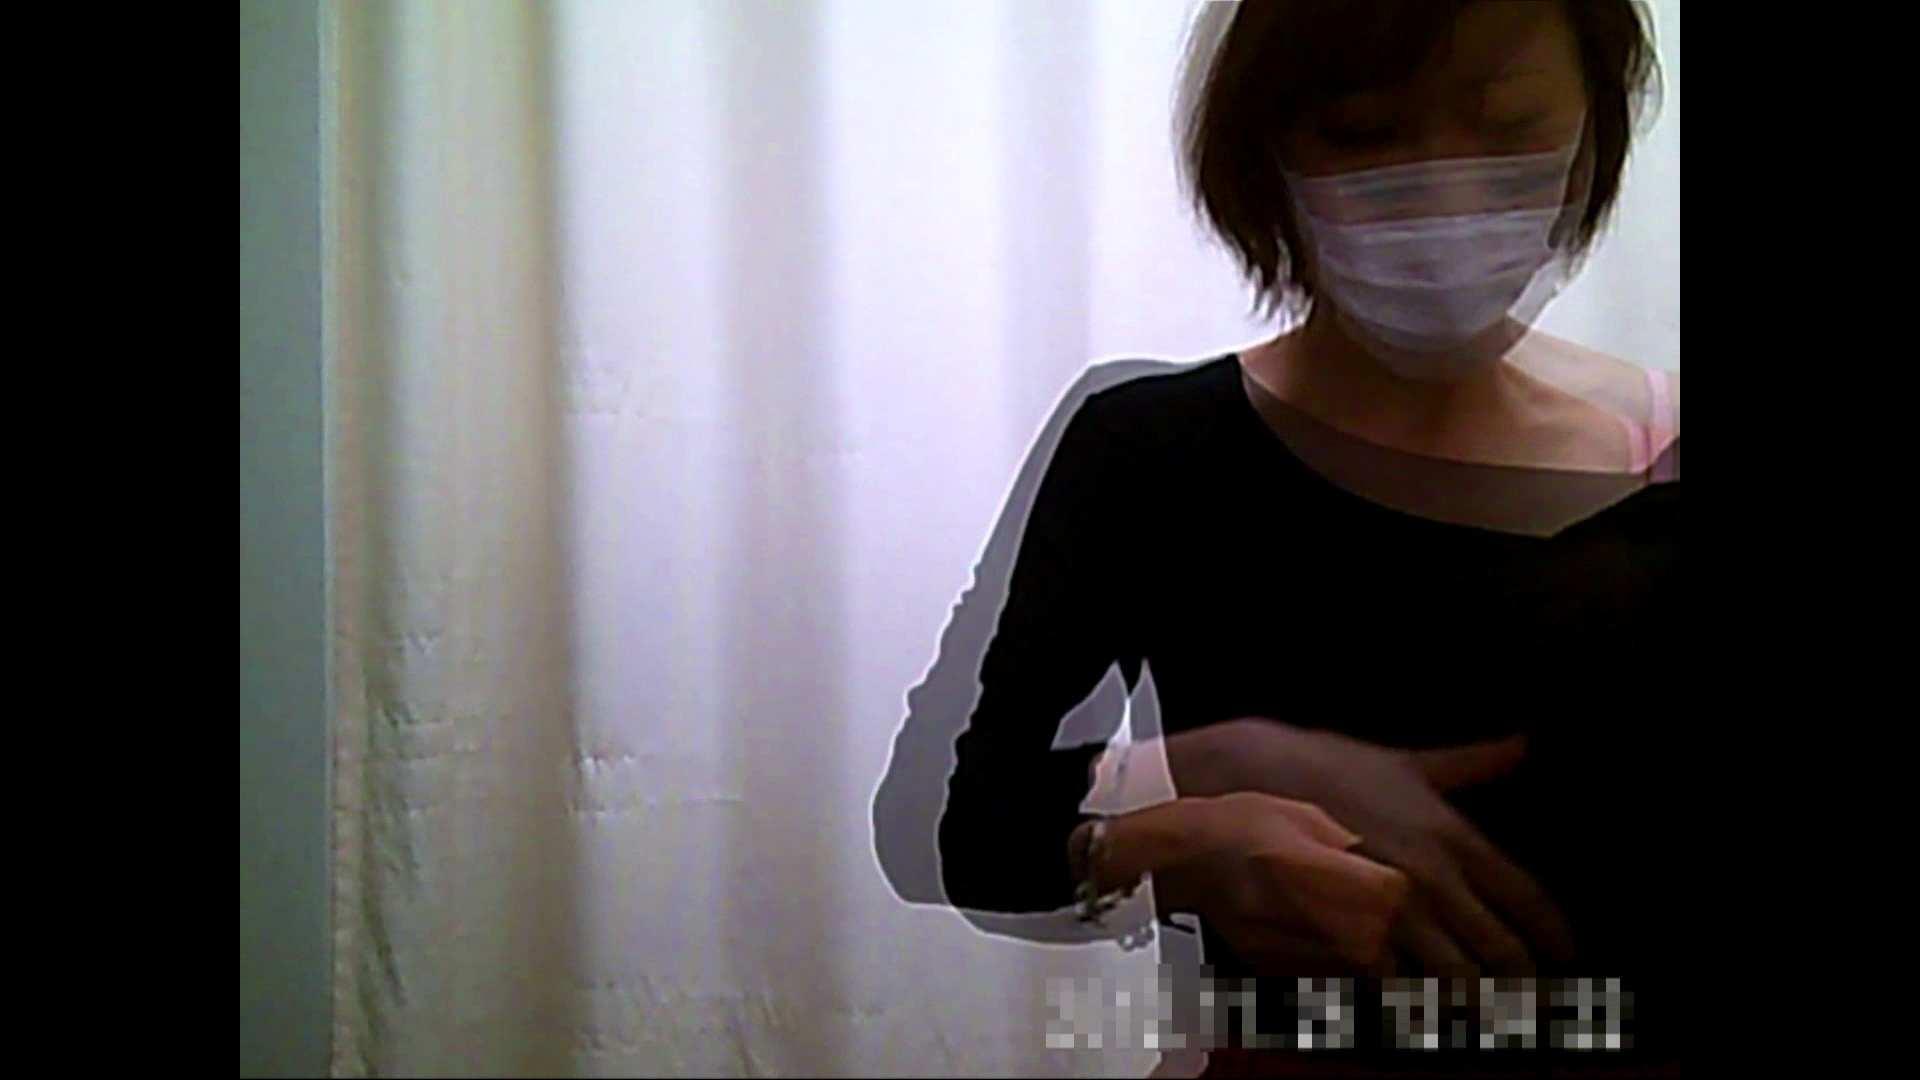 病院おもいっきり着替え! vol.159 盗撮 のぞき動画画像 106画像 58